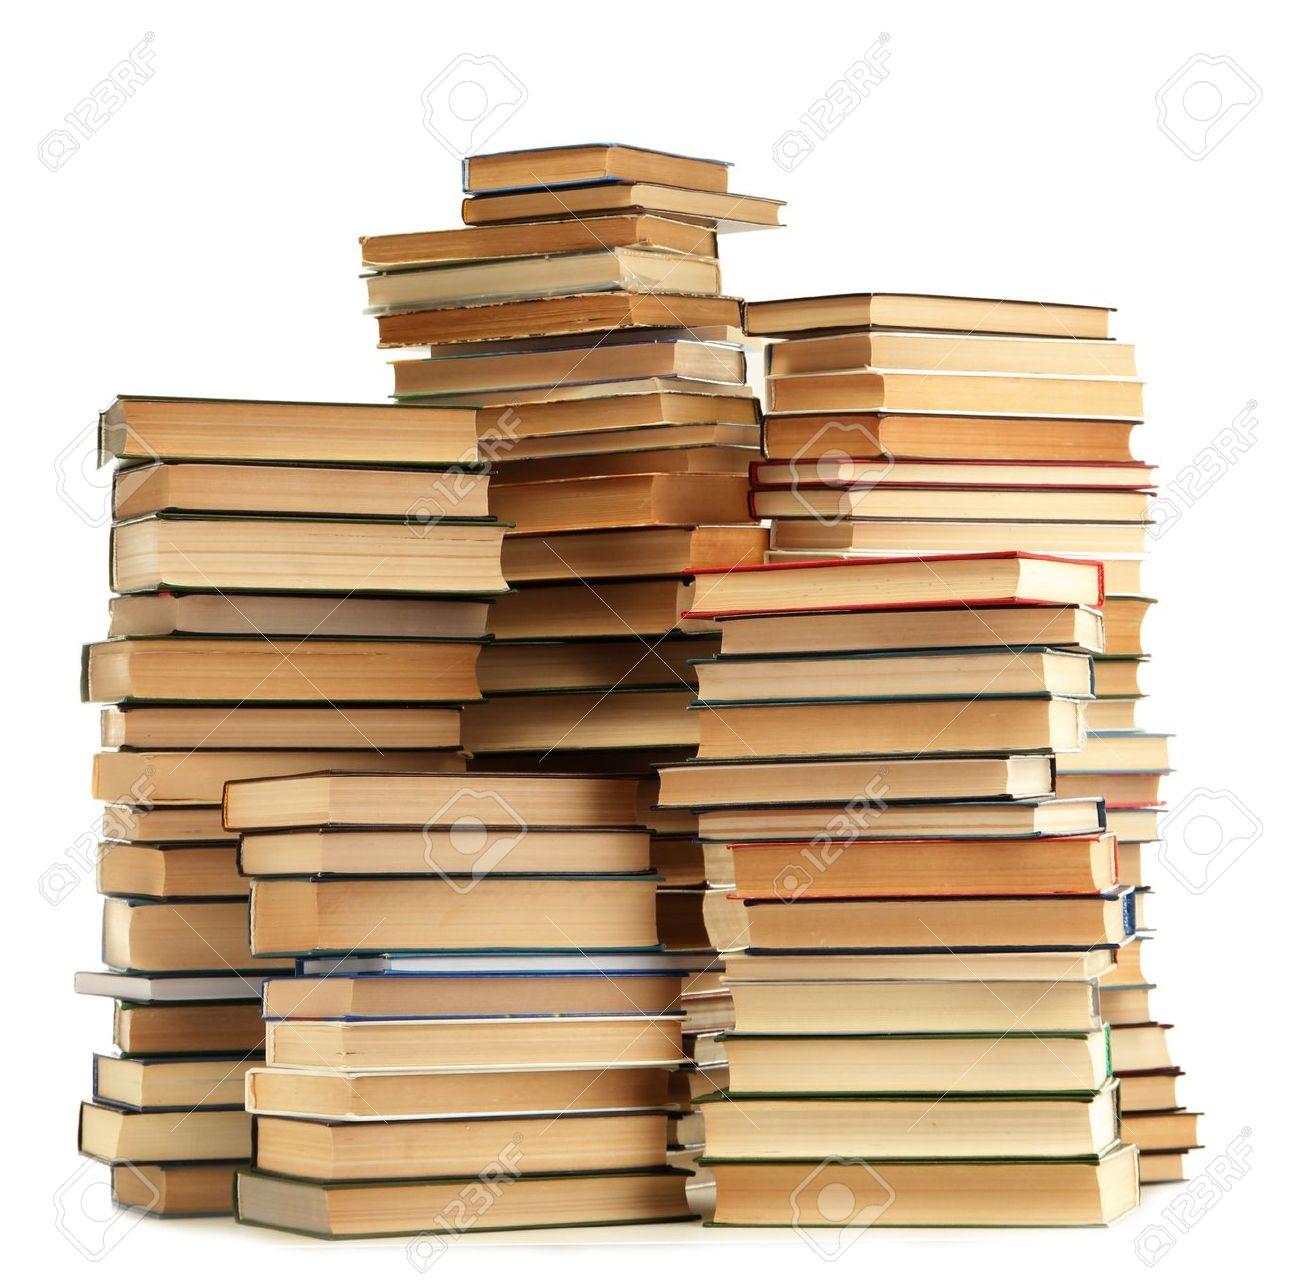 Kuvahaun tulos haulle pile of books